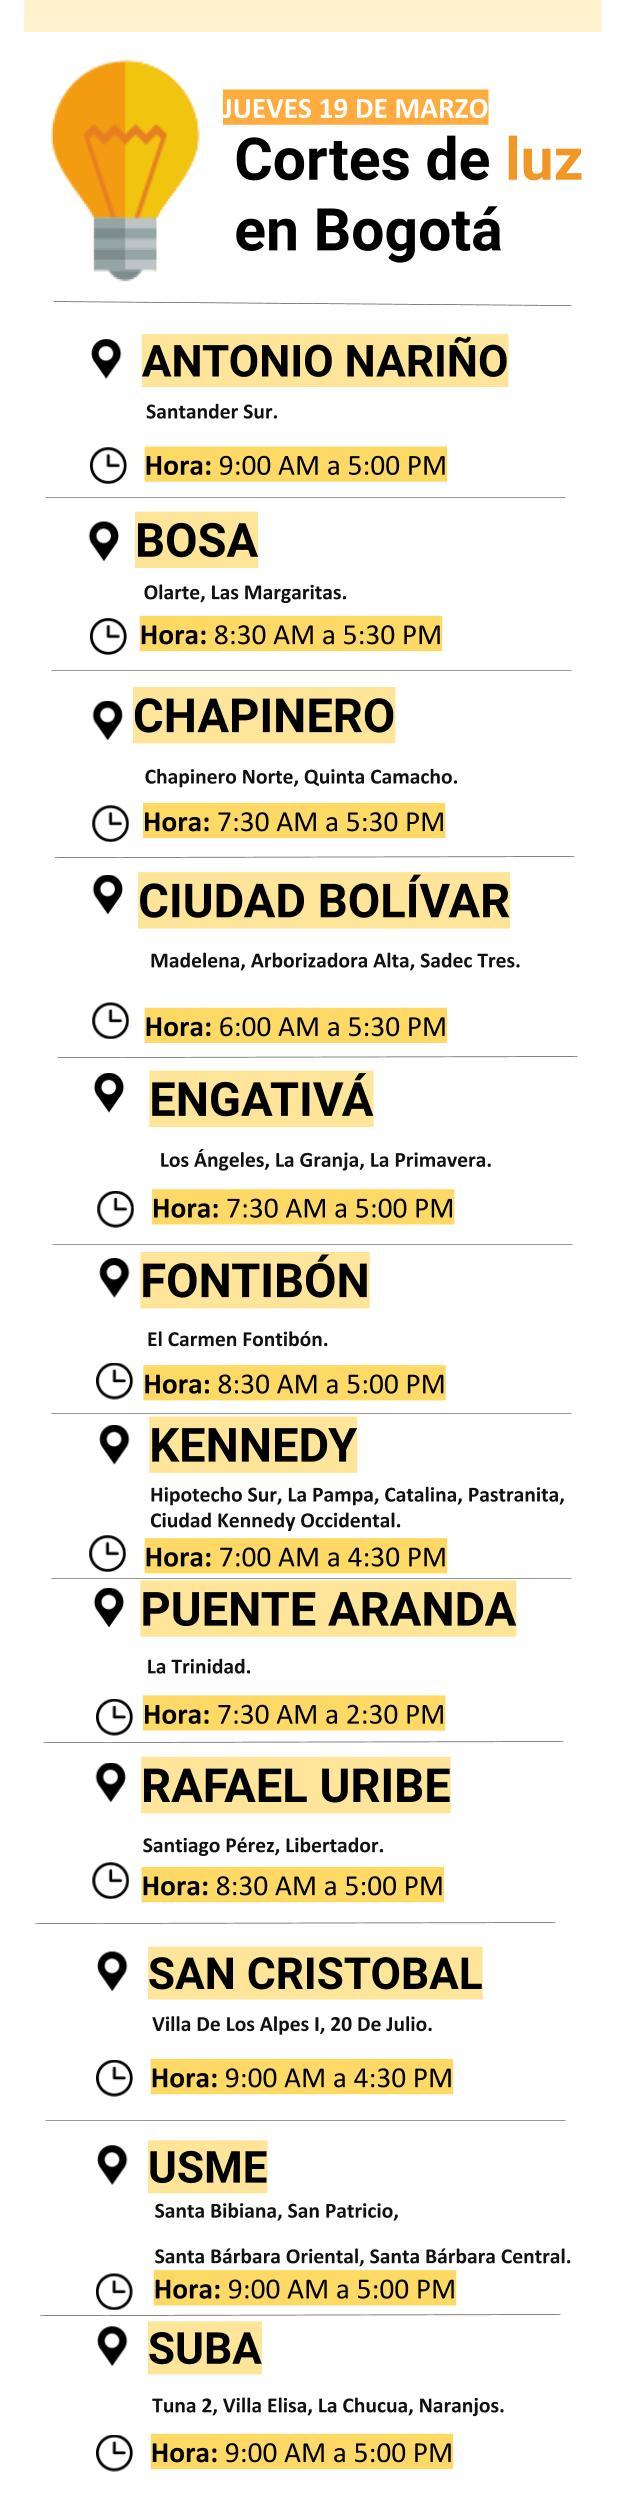 Cortes de luz programados para el jueves 19 de marzo en Bogotá.